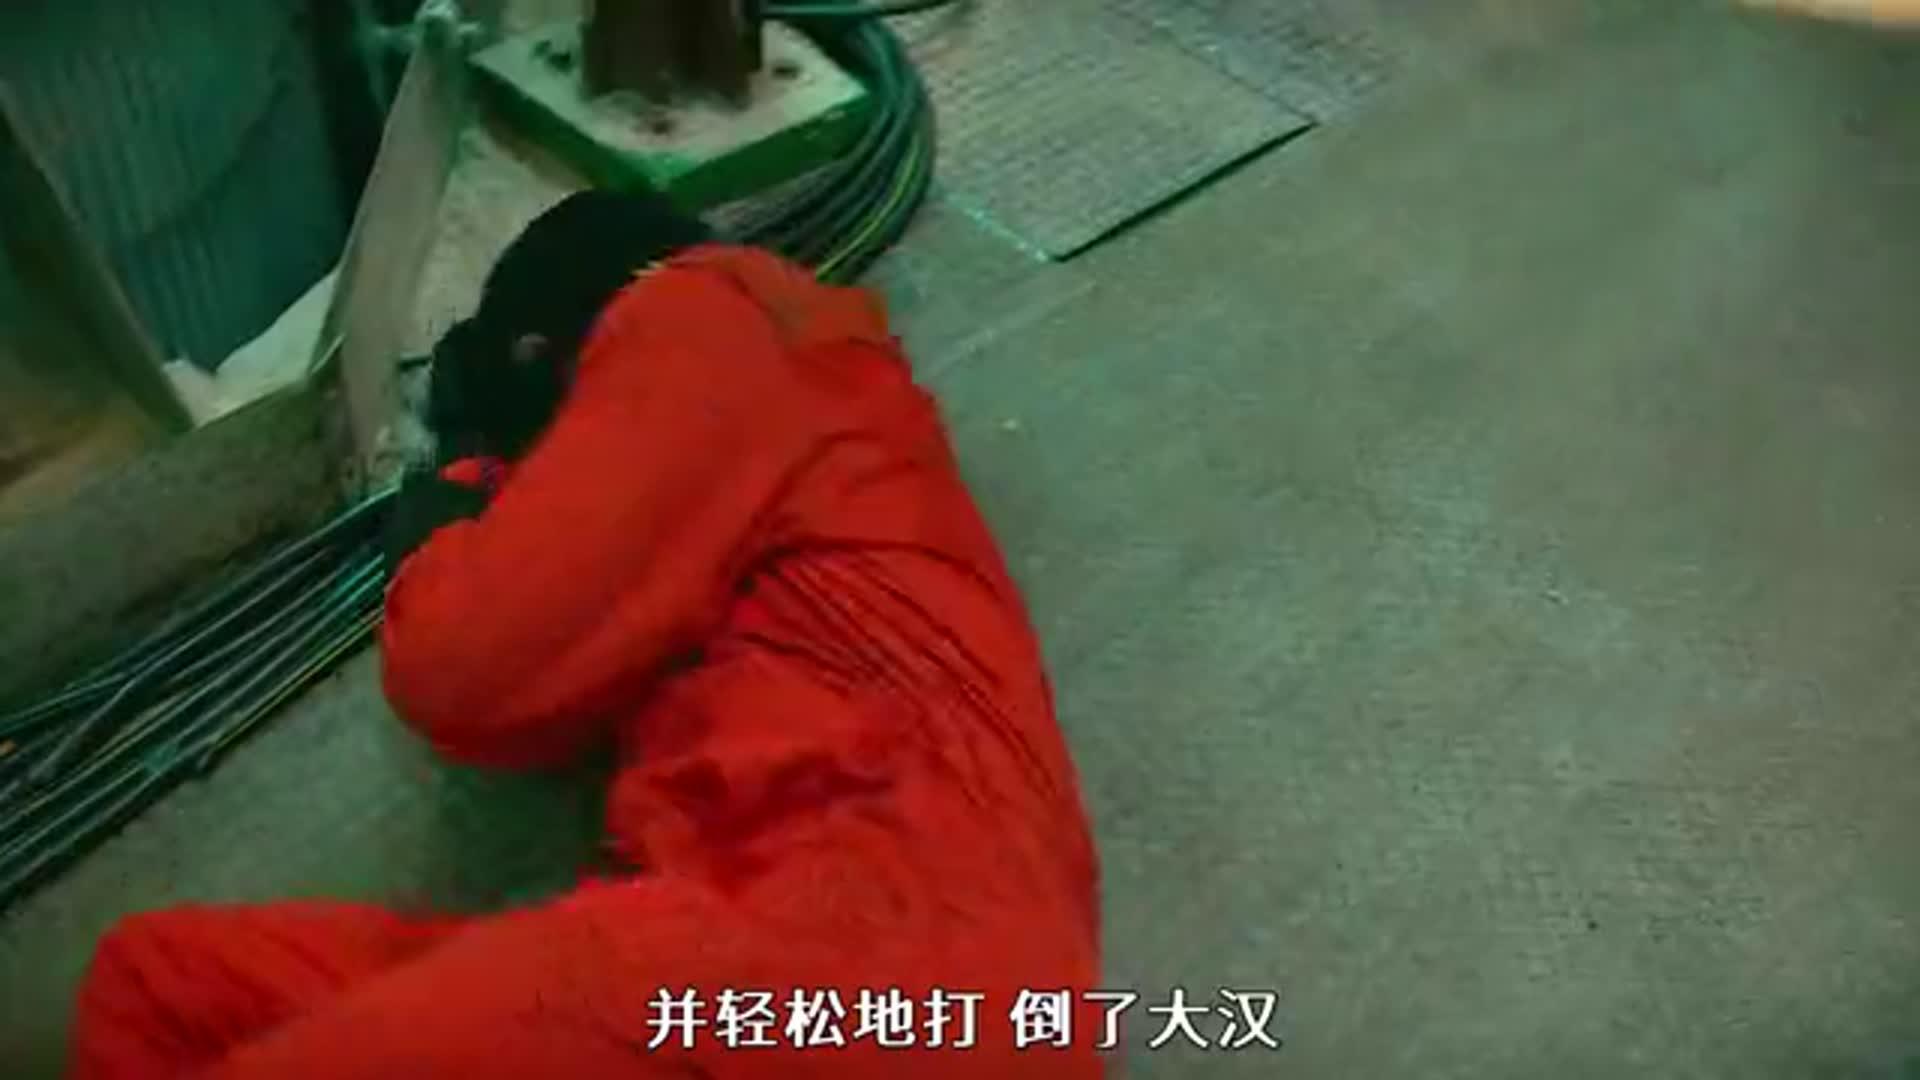 韩版流浪地球,看一个小孩如何拯救地球